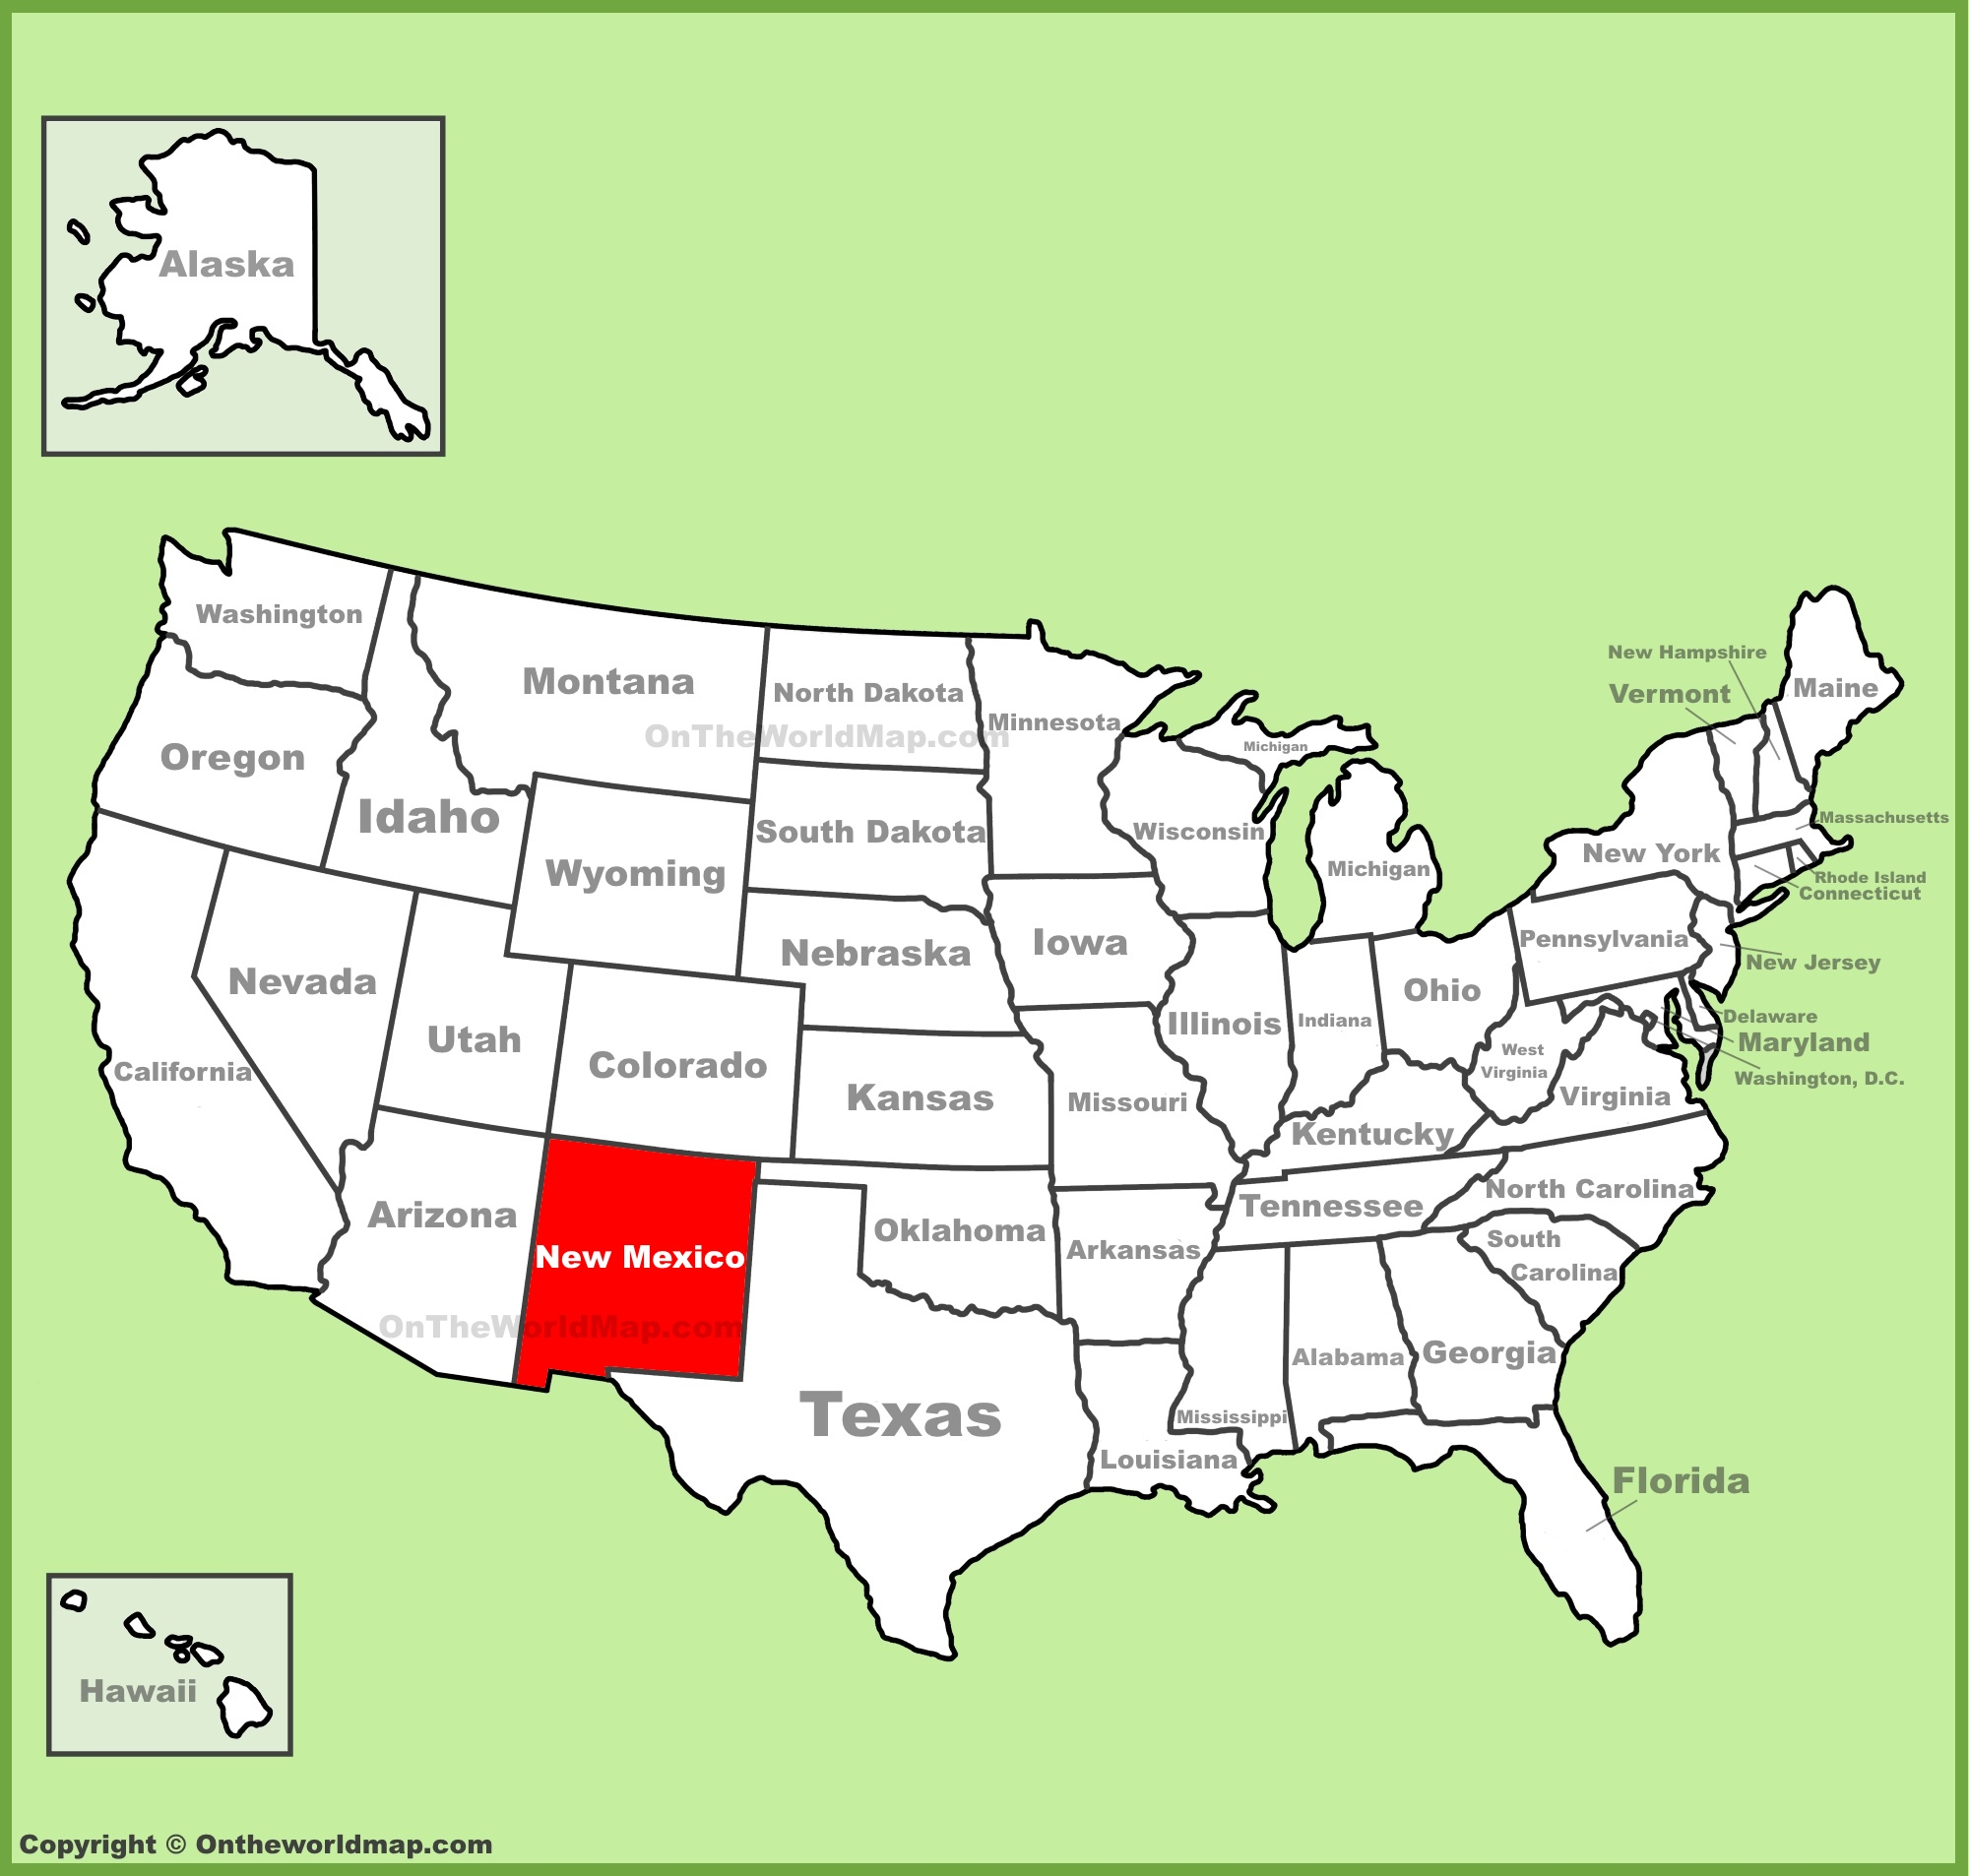 ニューメキシコ州と、ニューメキシコ州の大学を知ろう|アメリカ大学 ...